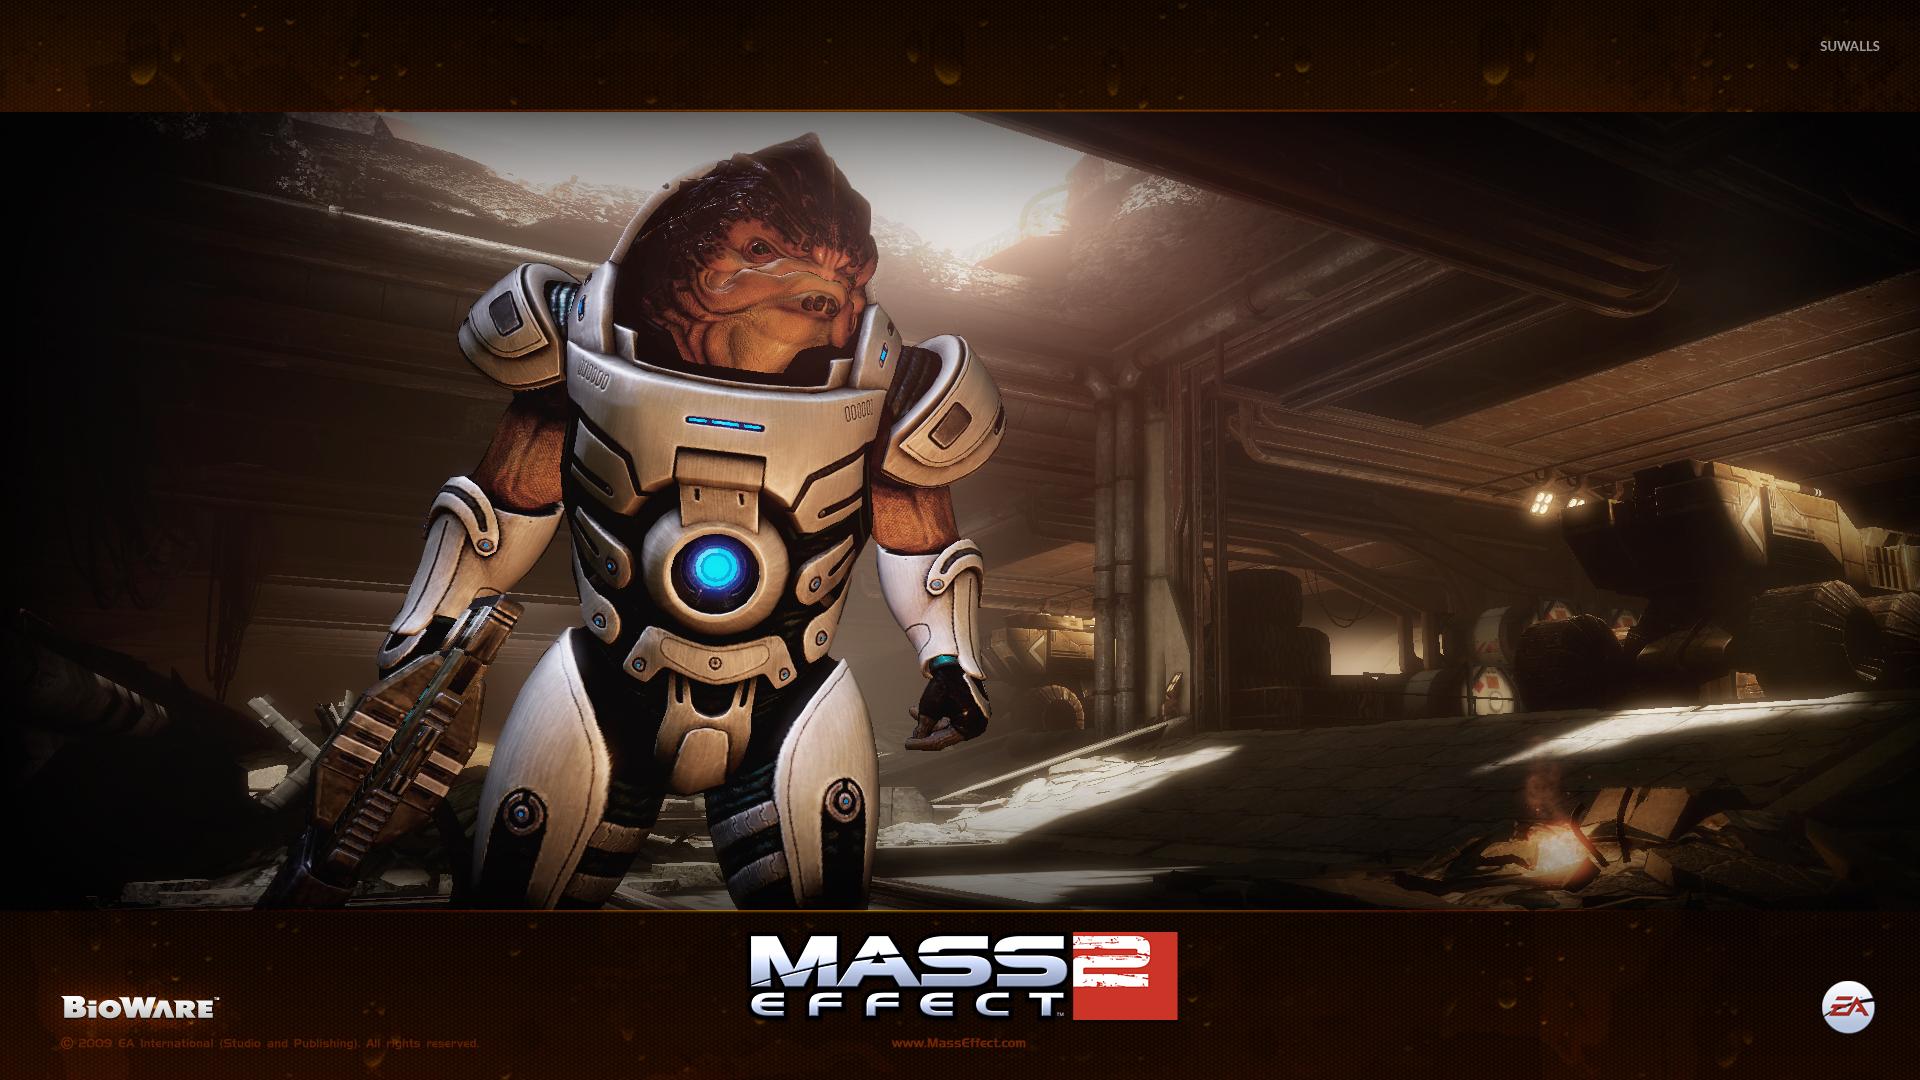 Grunt Mass Effect 2 Wallpaper Game Wallpapers 7298